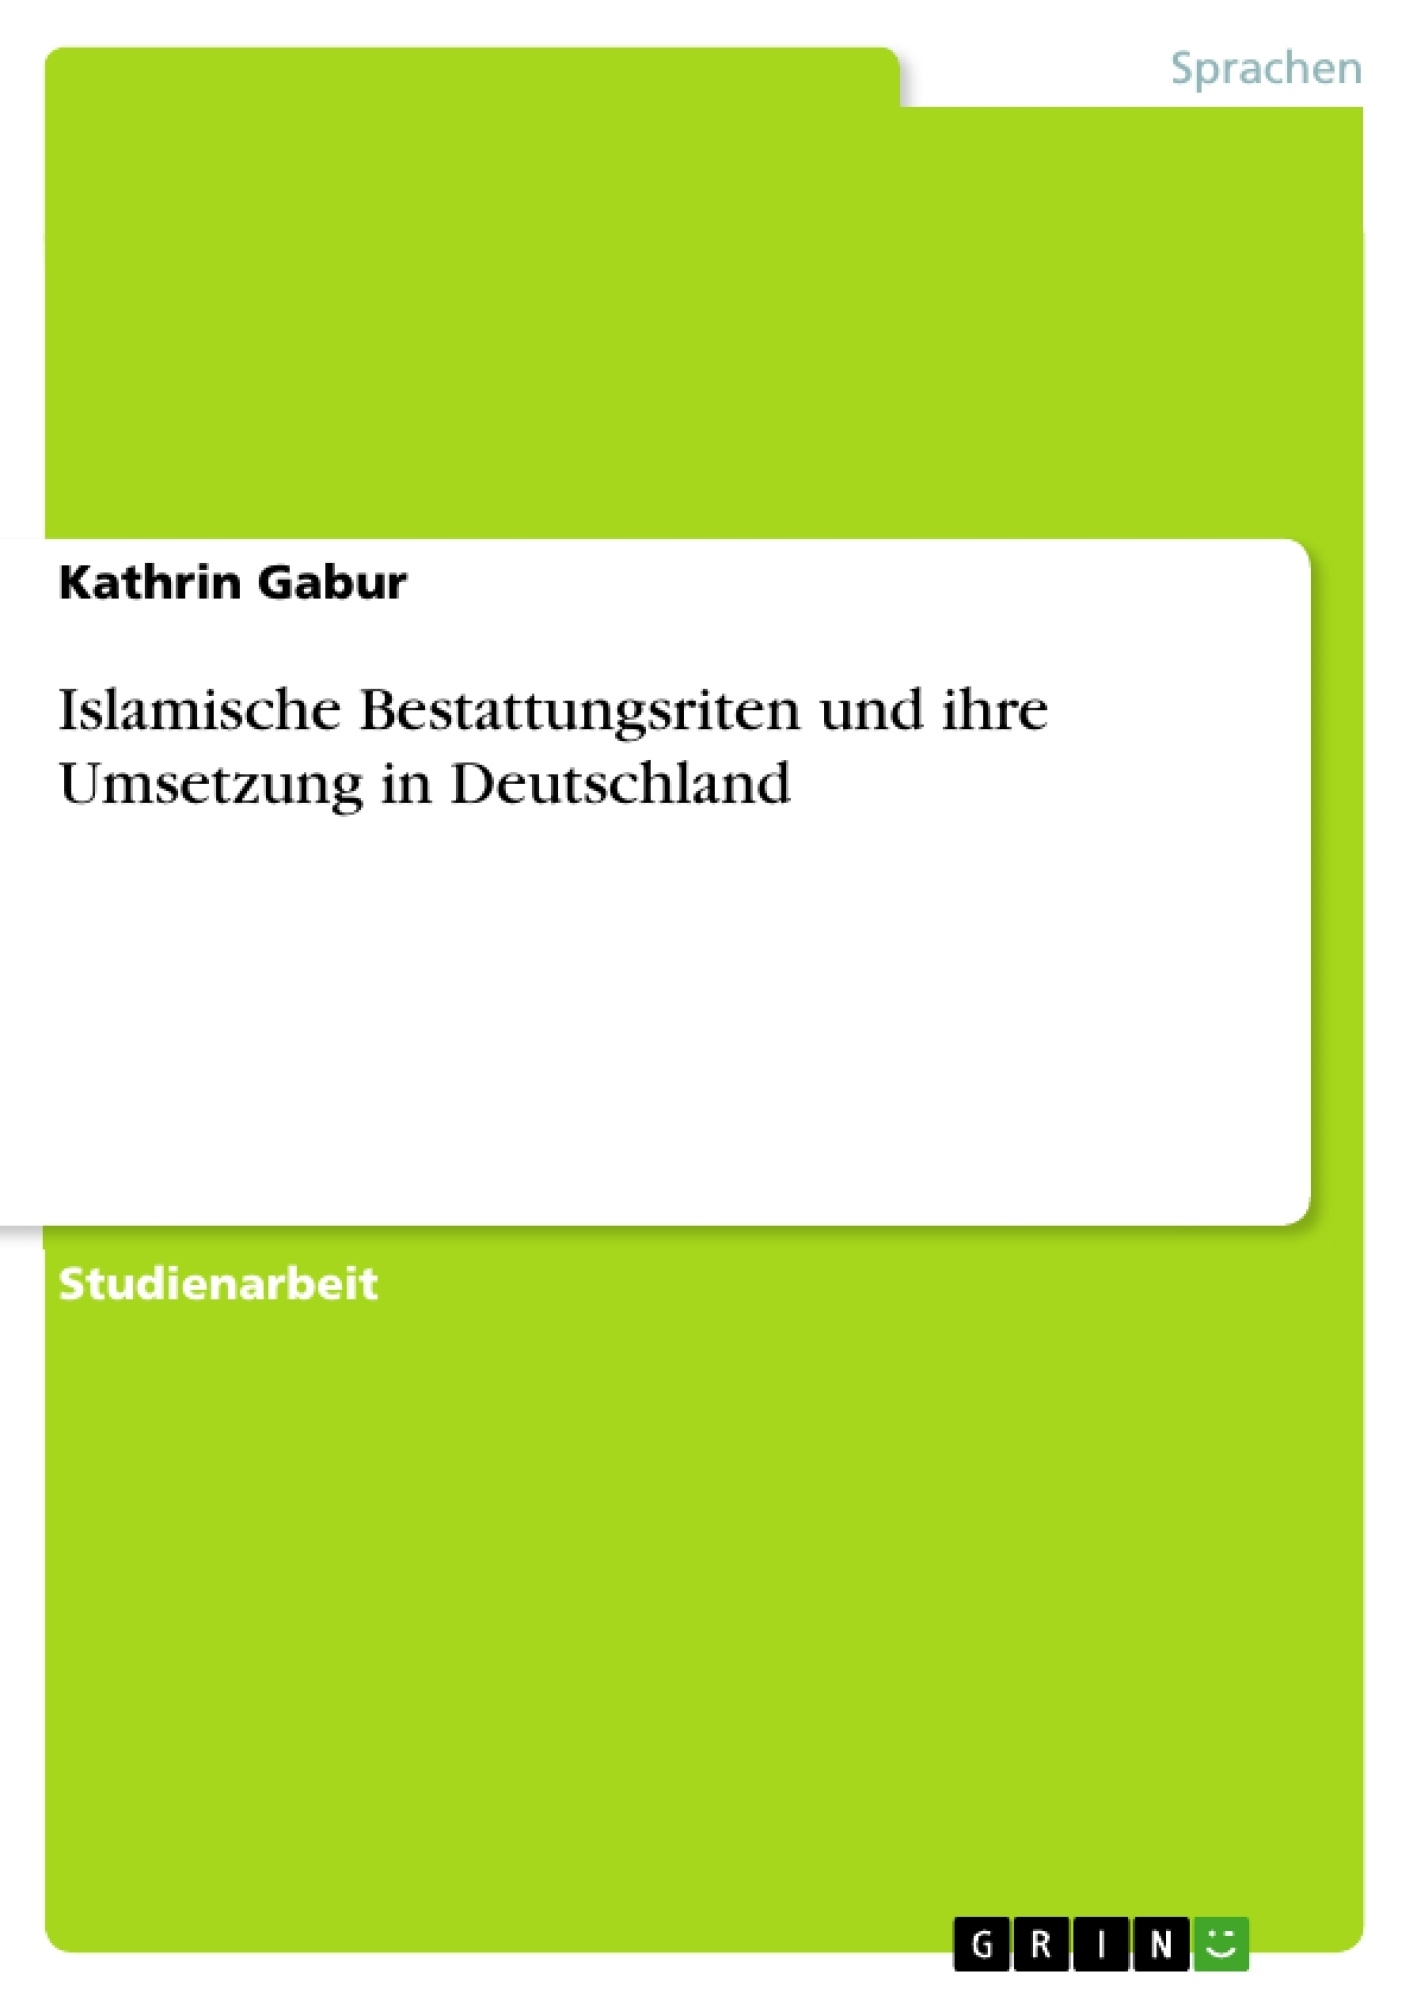 Titel: Islamische Bestattungsriten und ihre Umsetzung in Deutschland